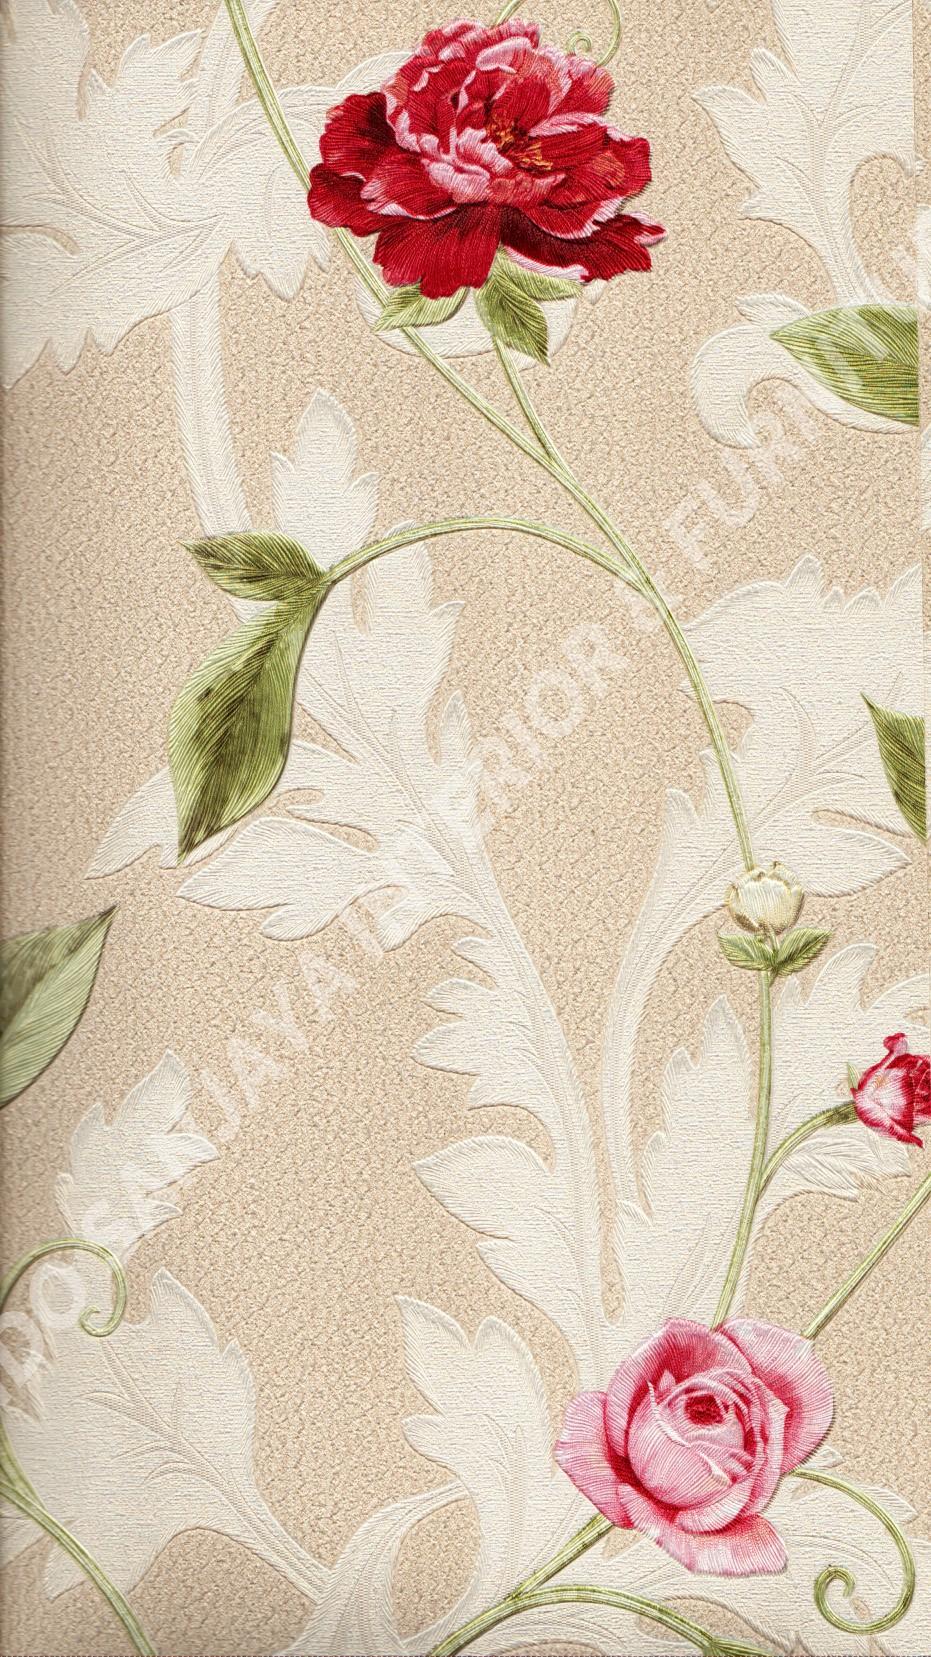 wallpaper   Wallpaper Bunga 5013-4:5013-4 corak  warna